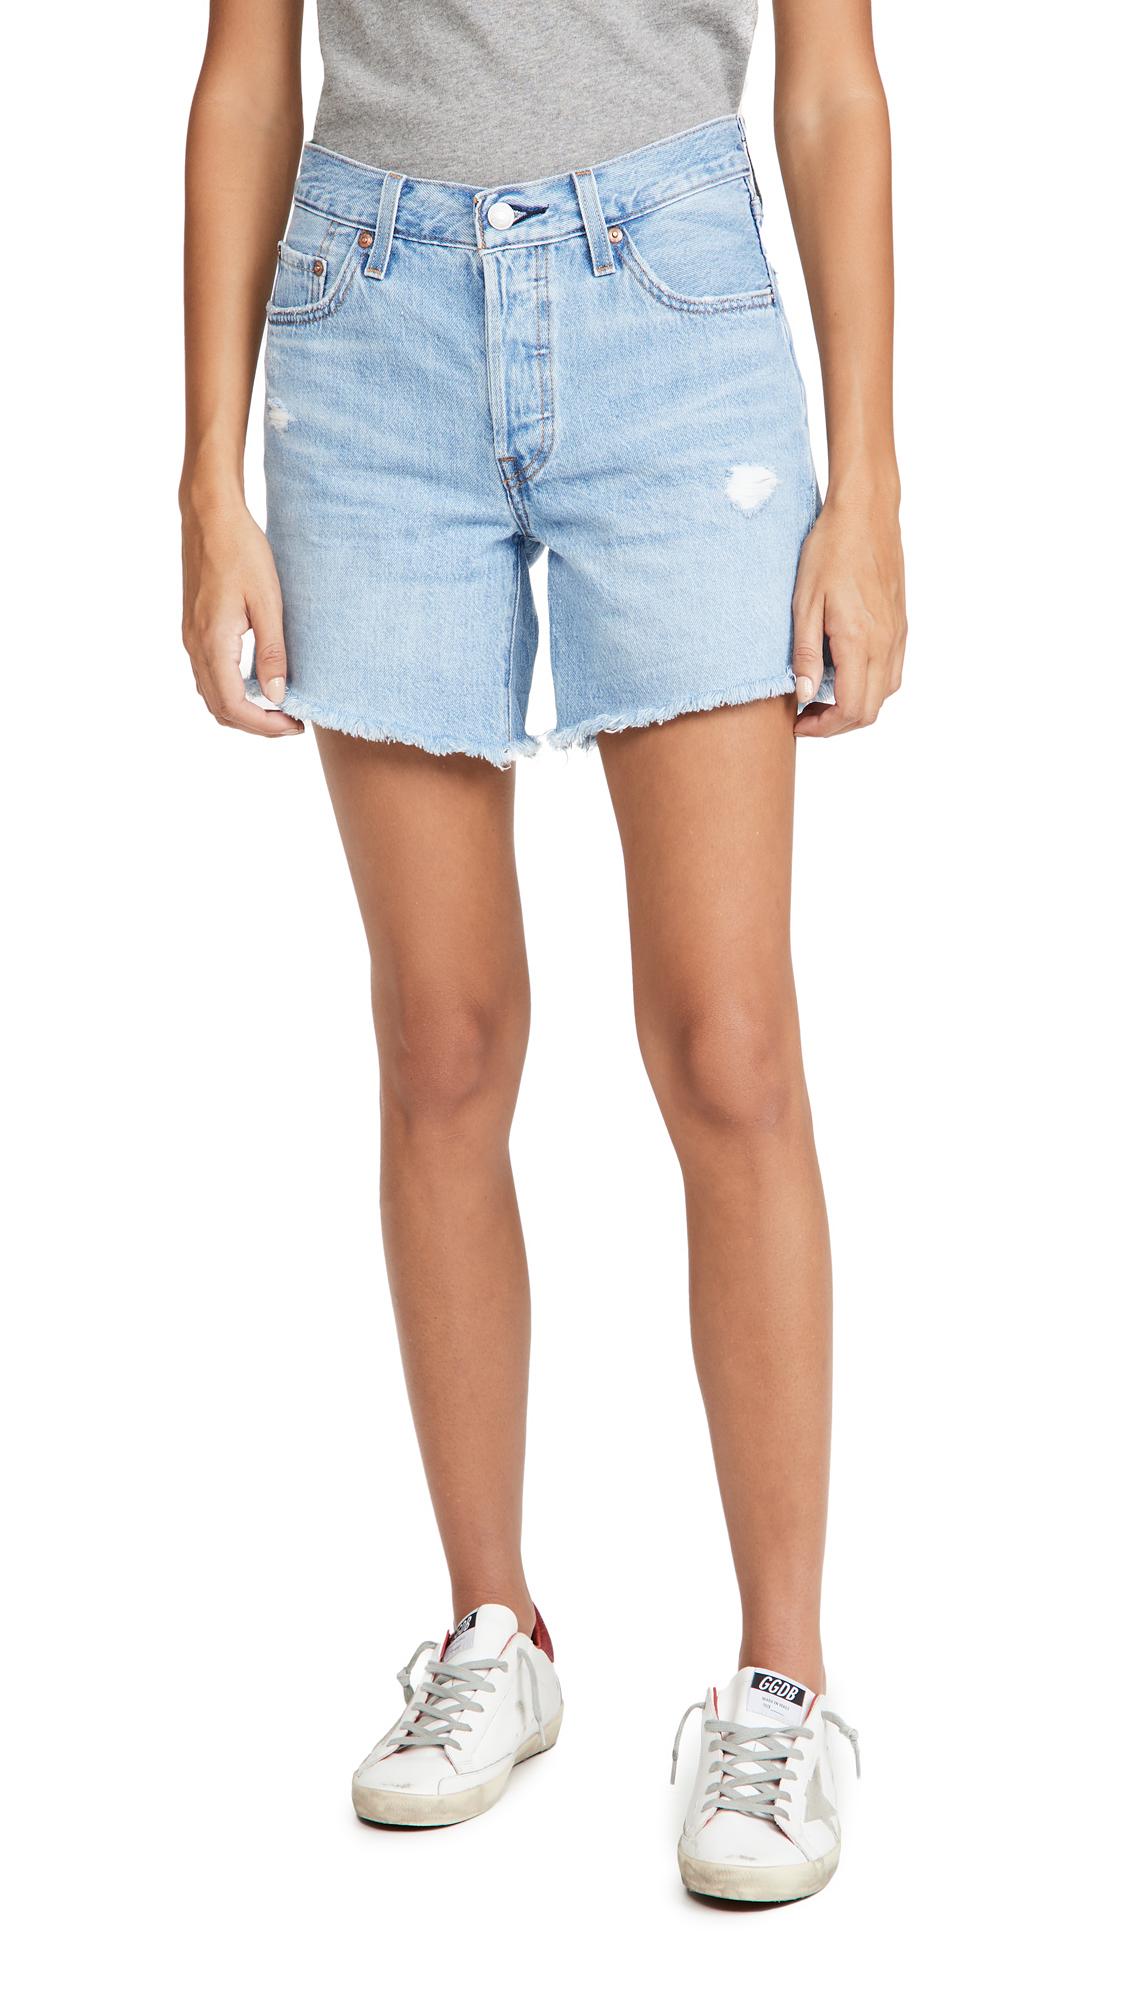 Levi's 501 Shorts Long